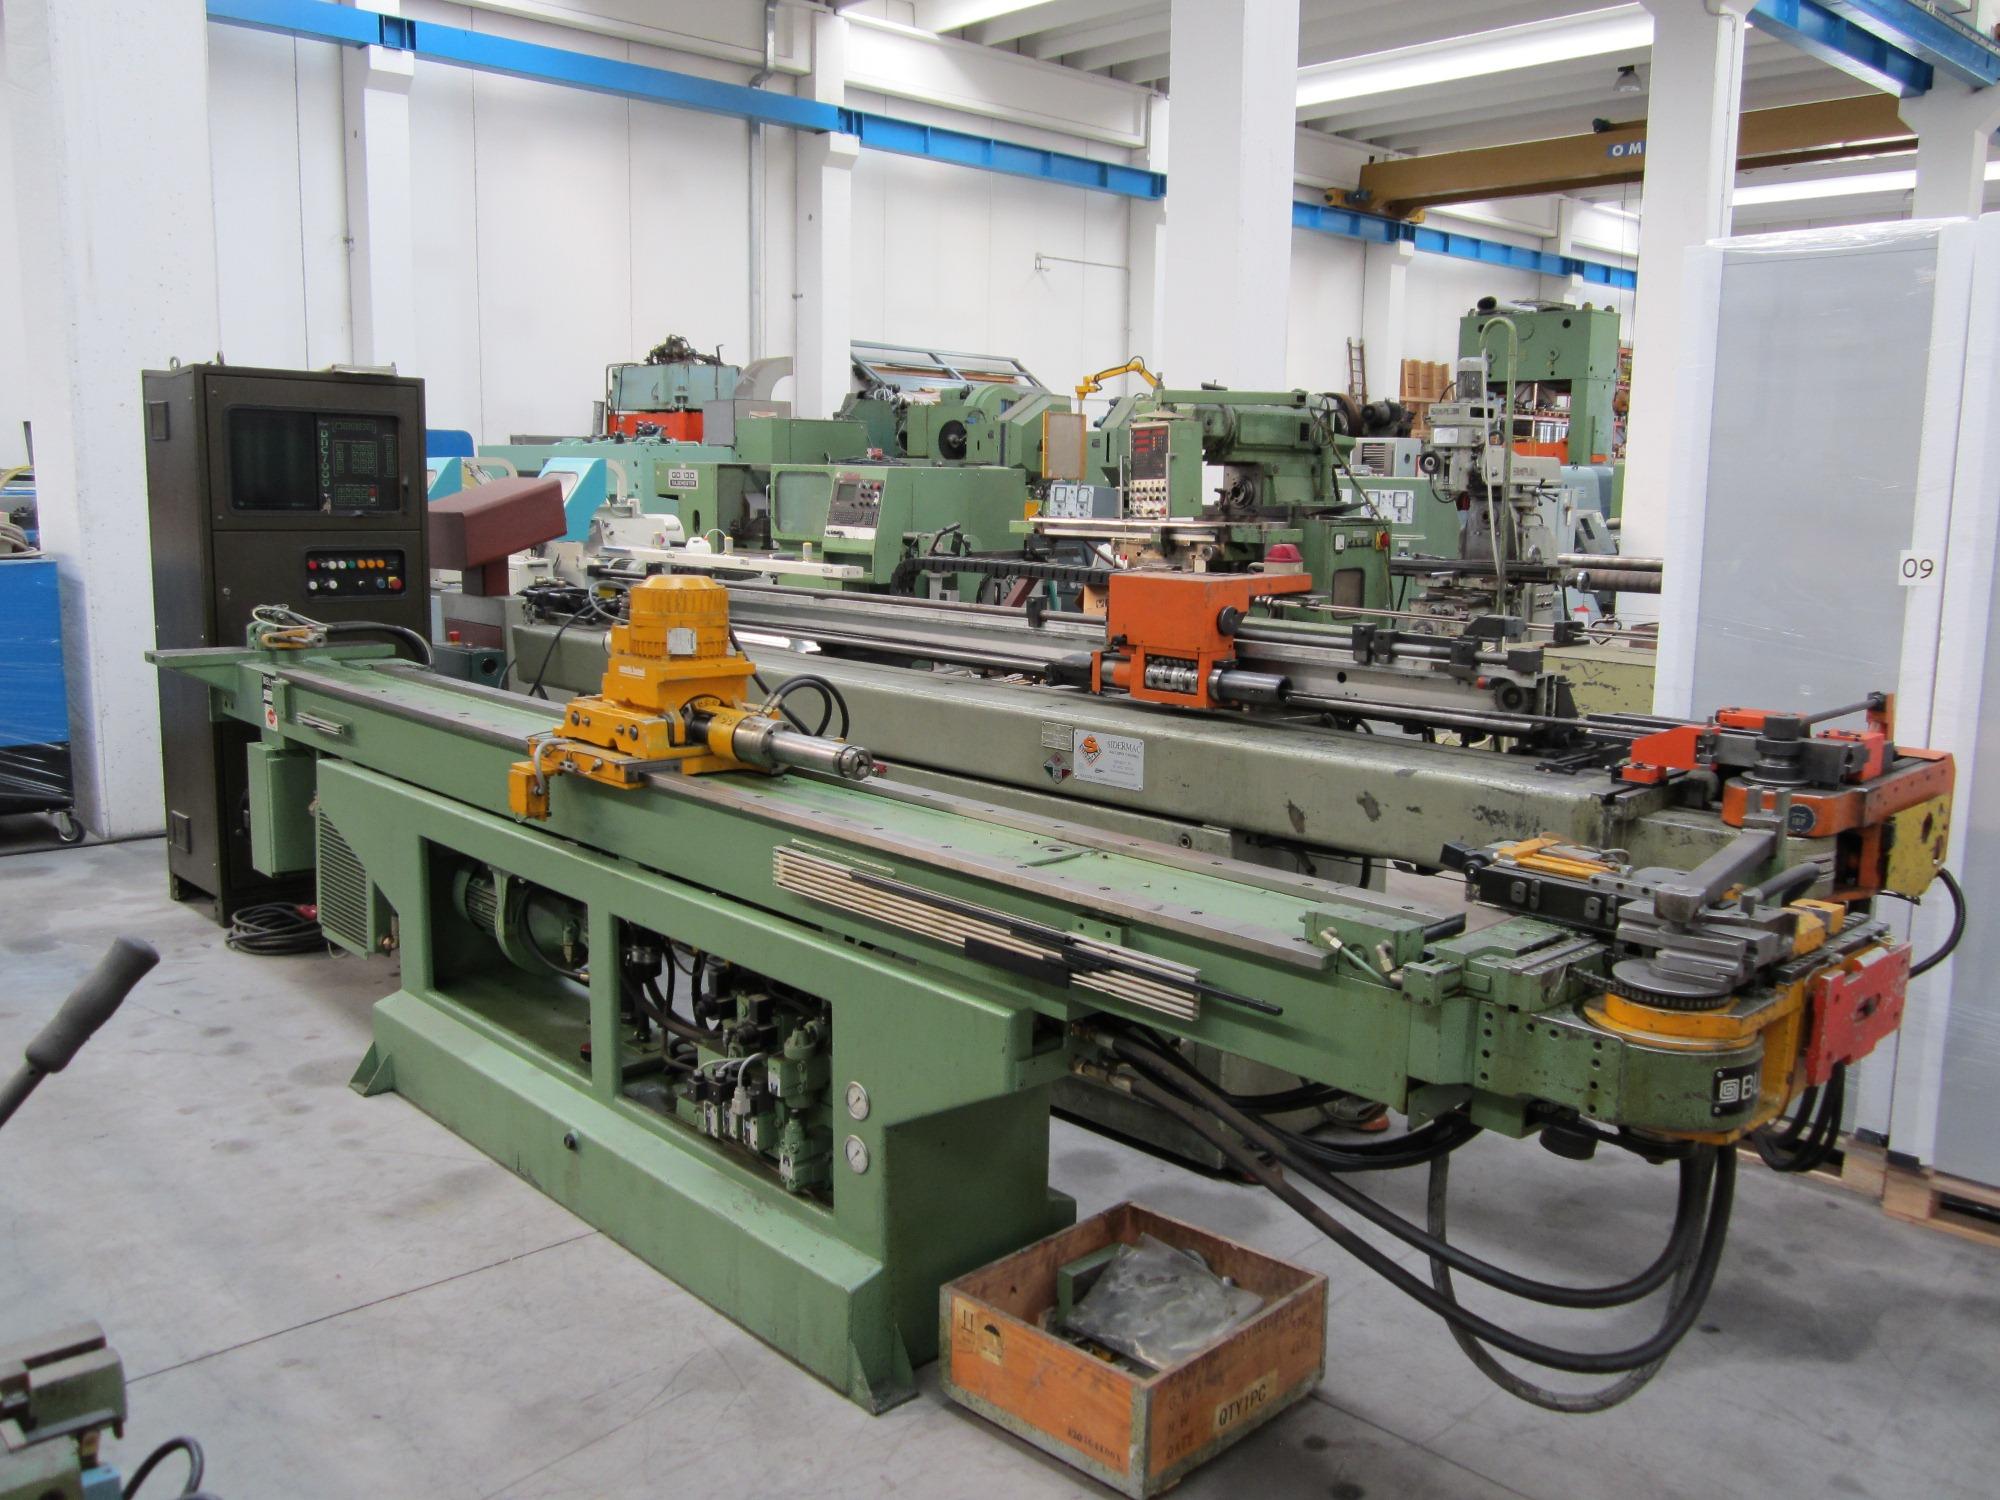 Curvadora cnc blm cnc 3 maquinas de segunda mano exapro for Curvadora de tubos segunda mano